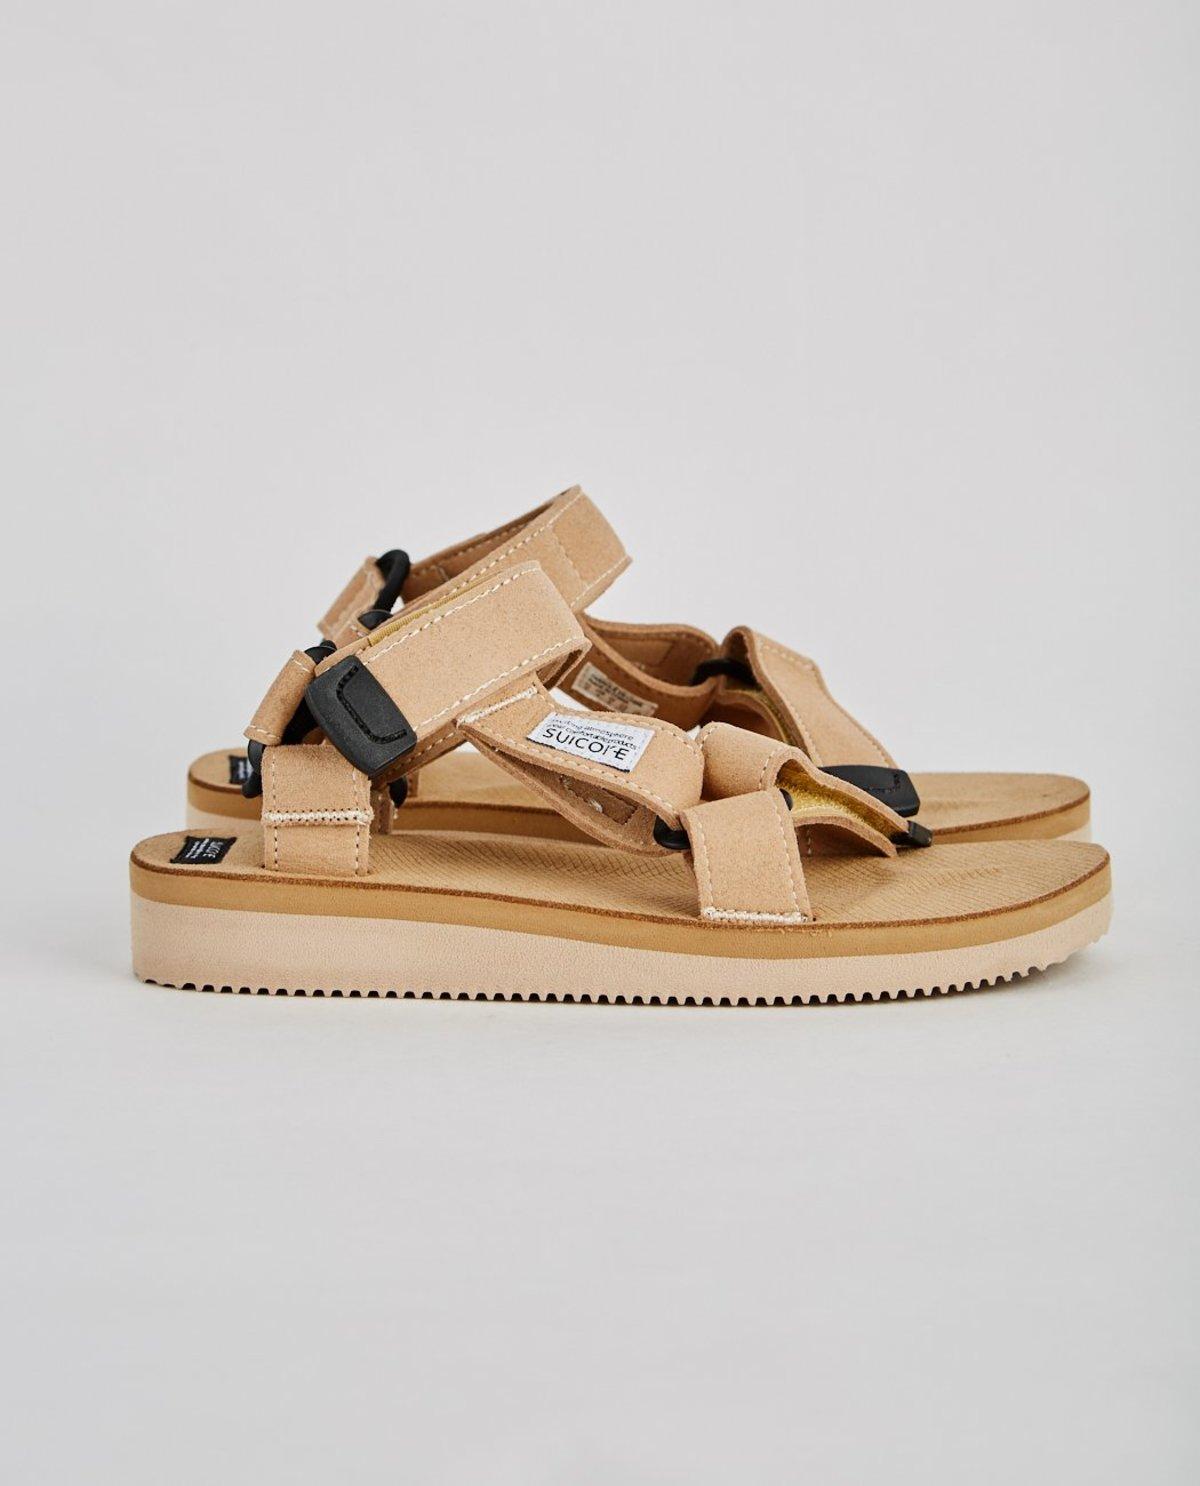 aa537907f441 Suicoke Depa ECS Sandal - beige